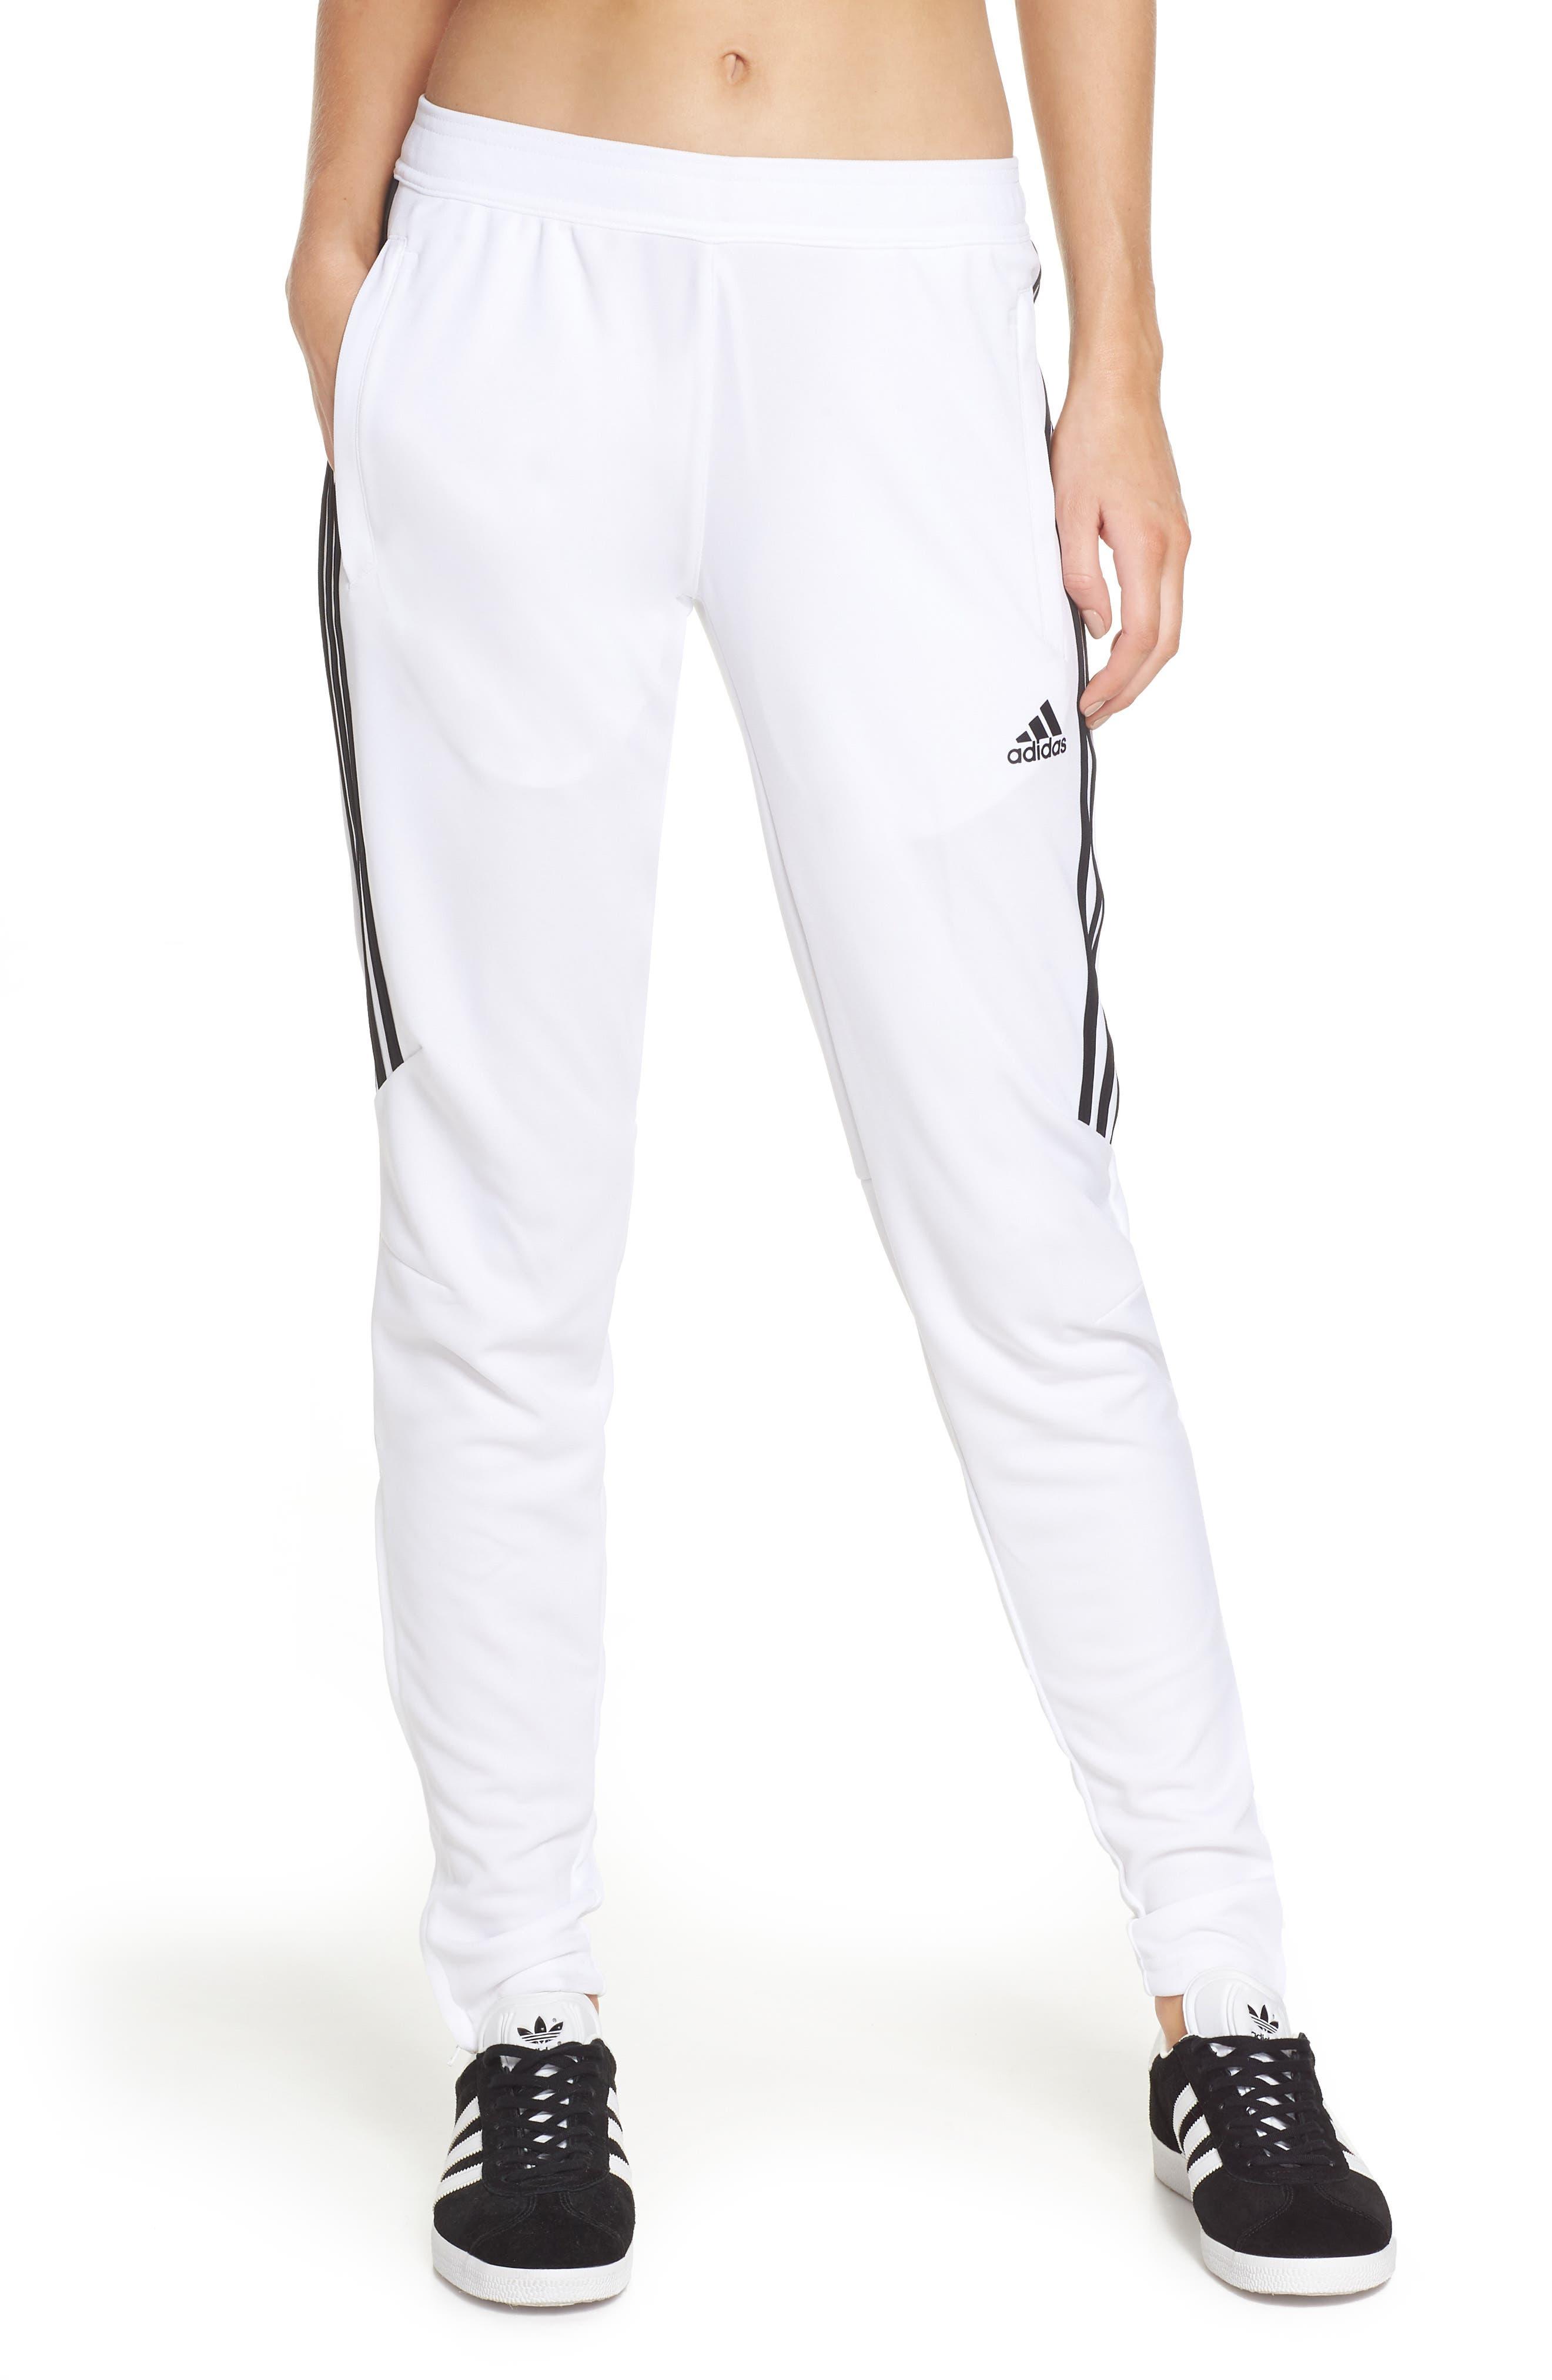 Tiro 17 Training Pants,                         Main,                         color, WHITE/ BLACK